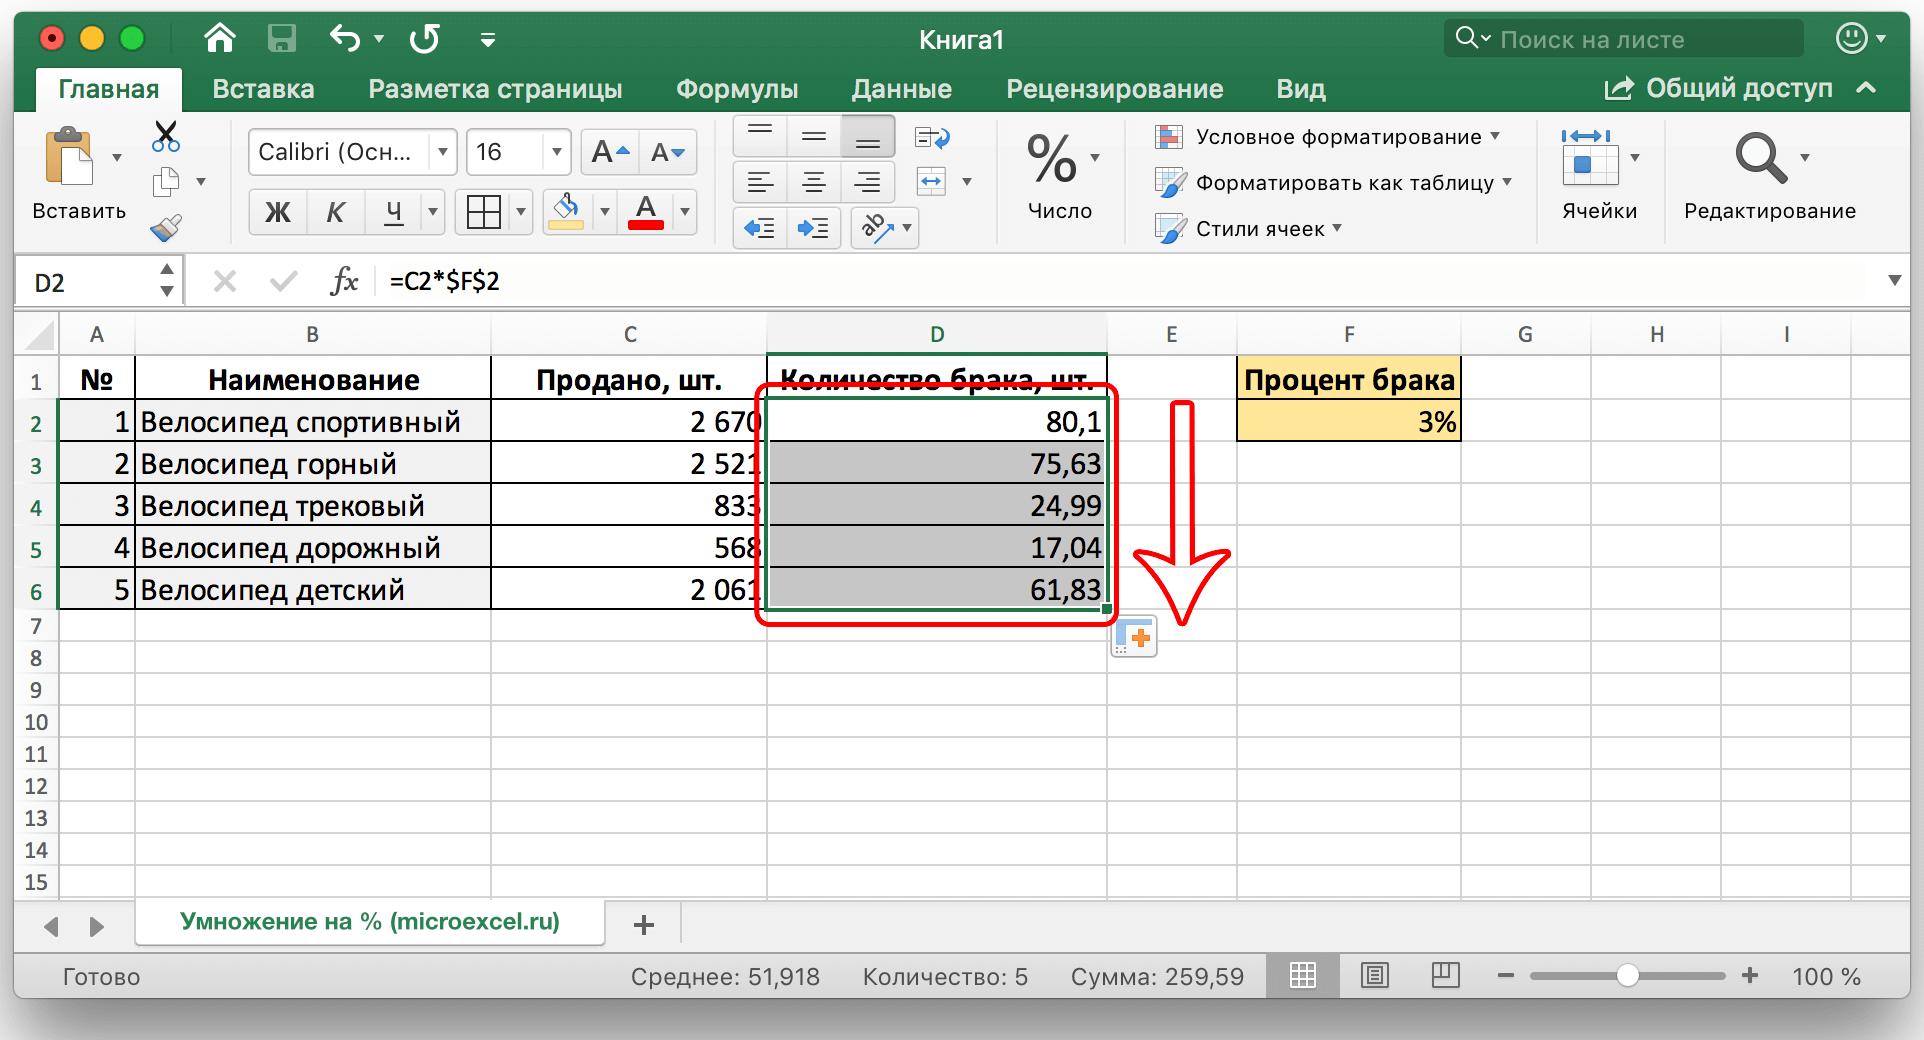 Как умножать число на проценты в Excel